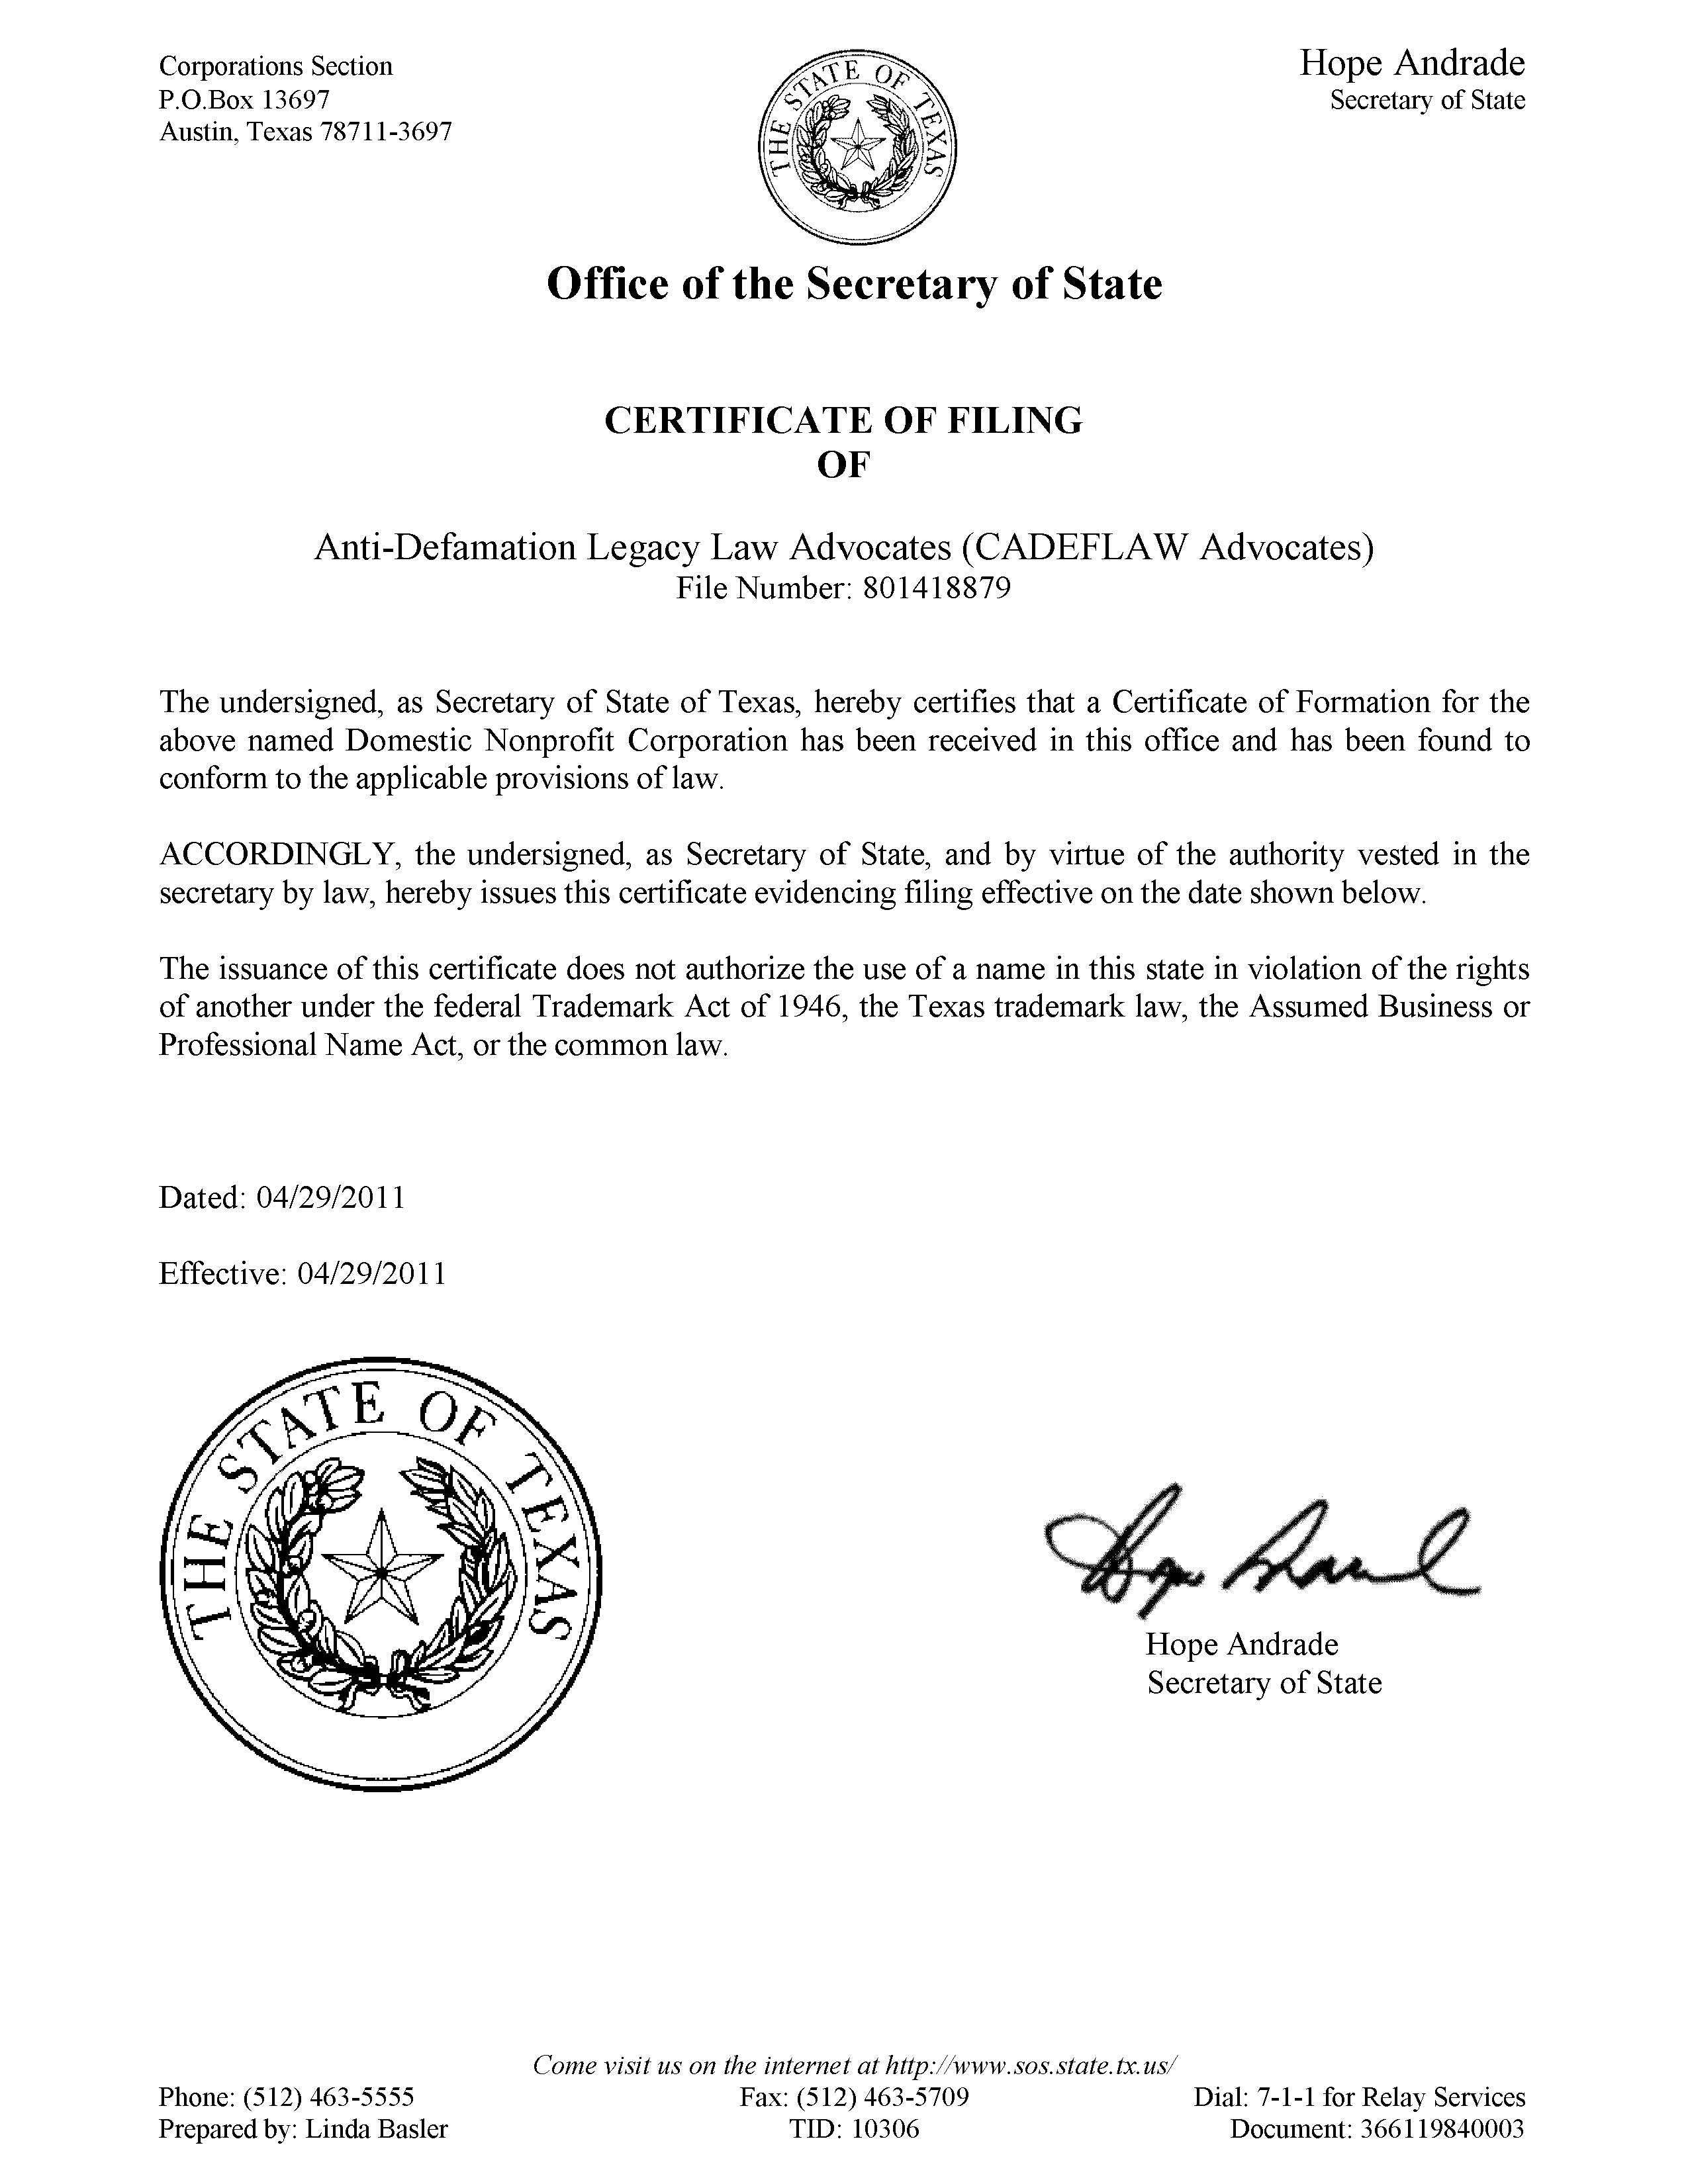 Legal Page Anti Defamation Legacy Law Advocates Adllawcadeflaw